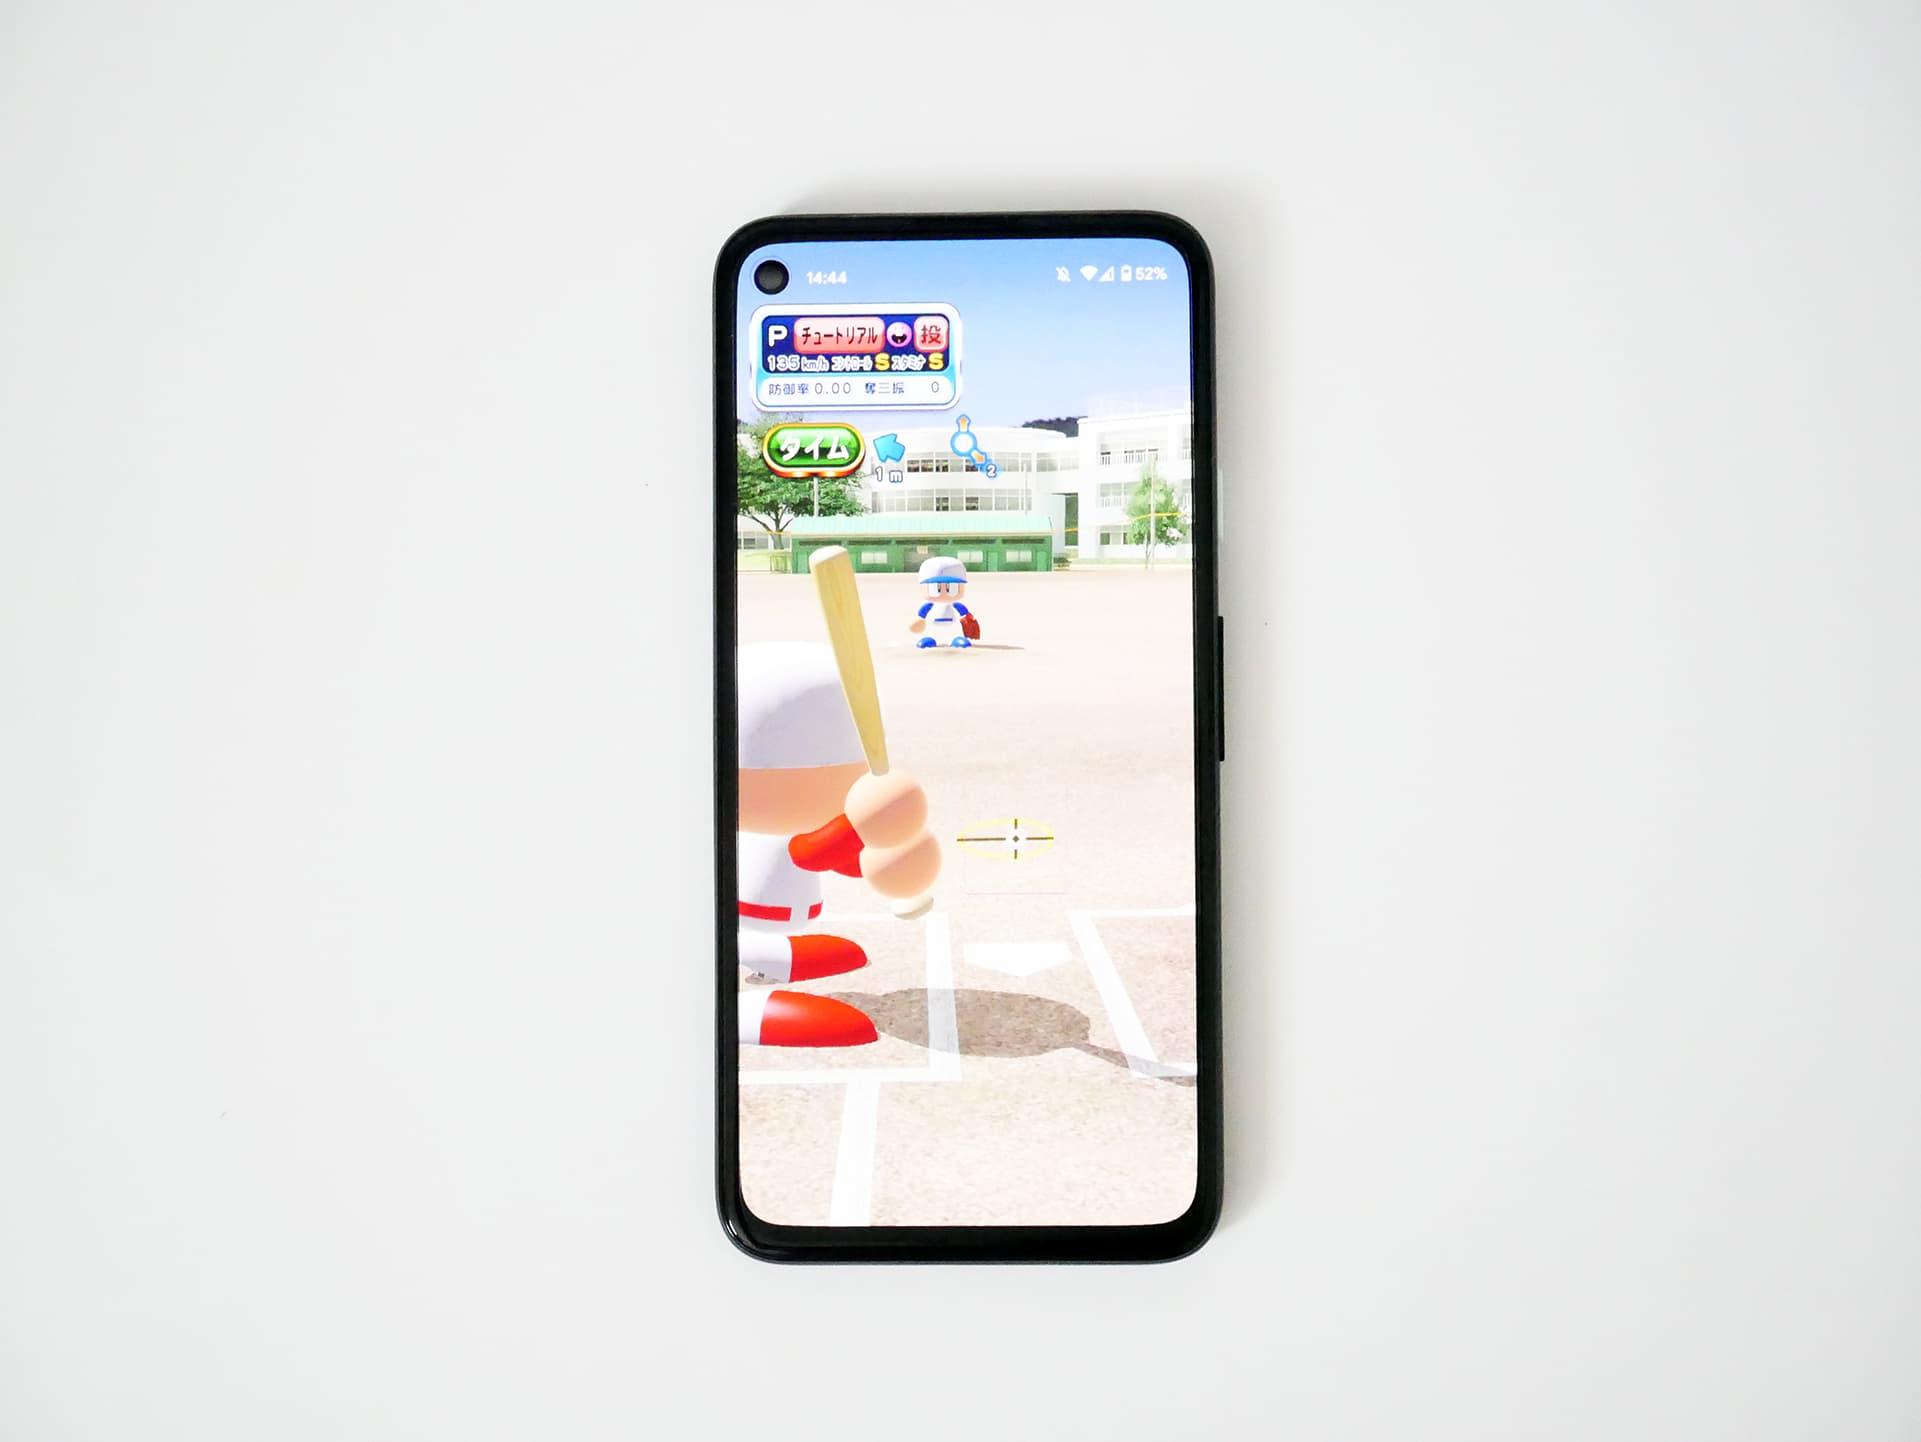 Pixel 4aでパワプロアプリを起動